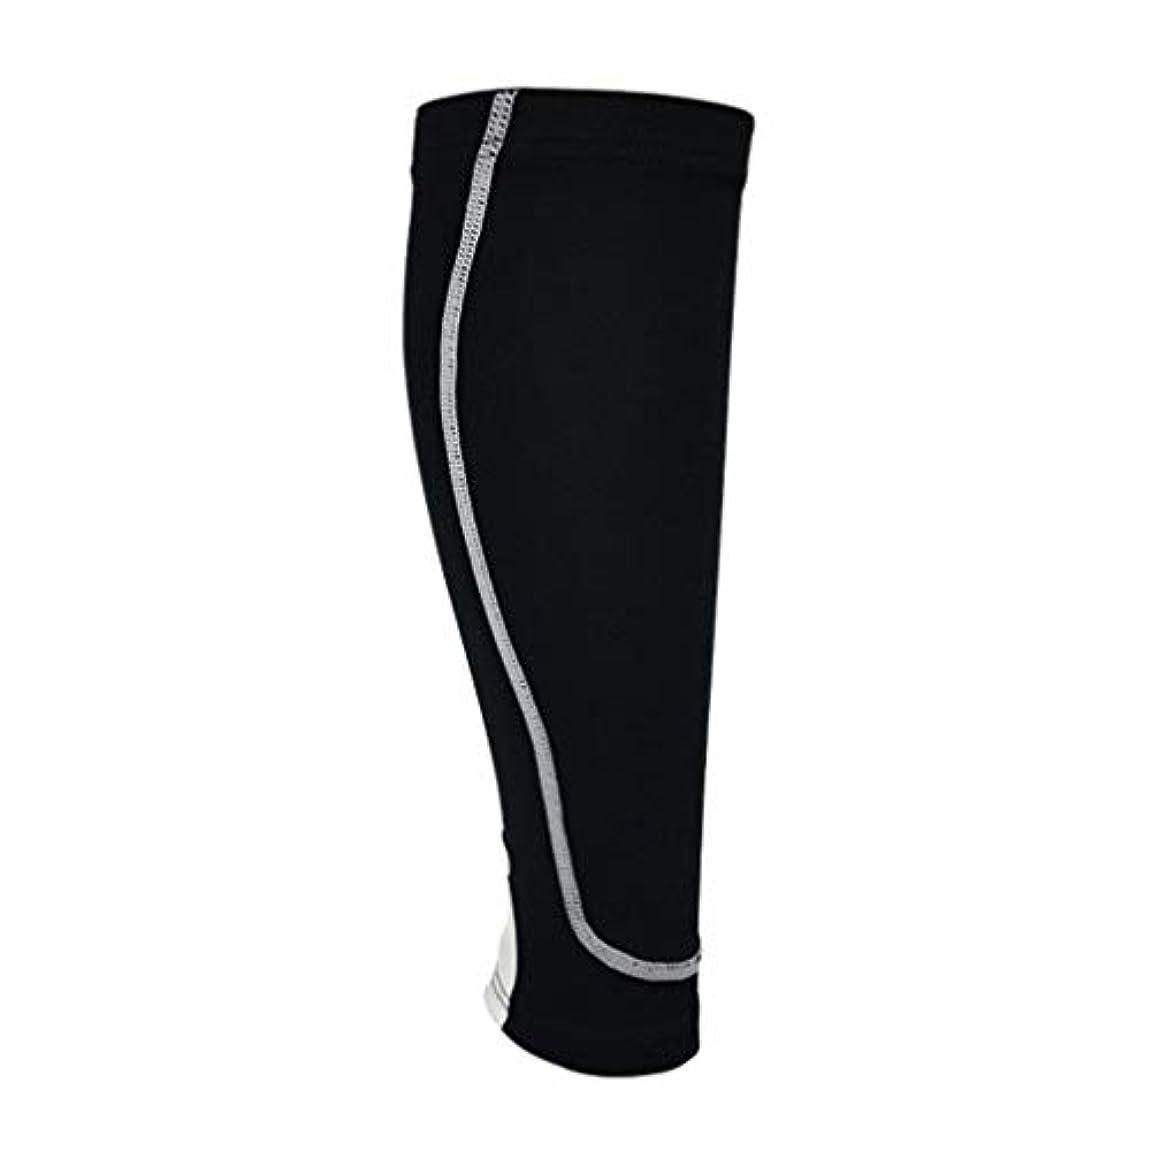 謙虚目の前のサーフィン伸縮性がある足はスポーツのための足の袖の換気の圧縮の足のパッドを暖めます-Rustle666